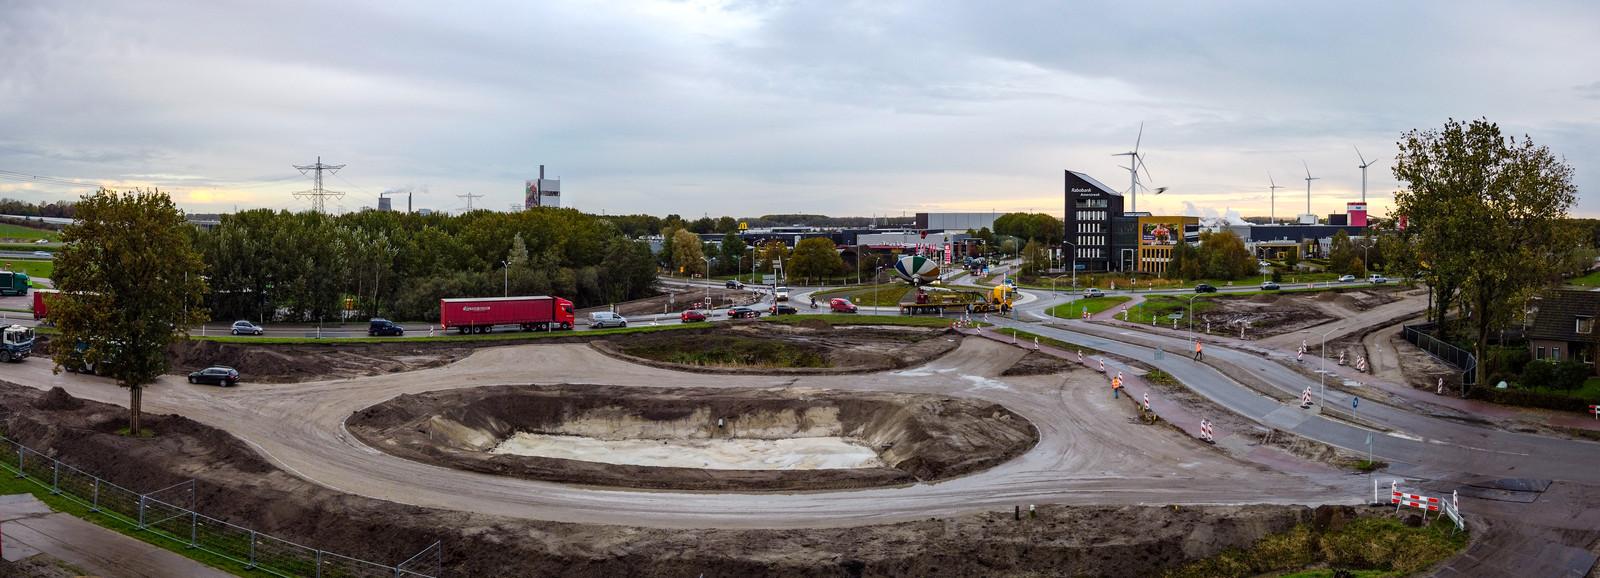 De Bromtol is het logistieke knooppunt in Oosterhout. Foto van vorig jaar.